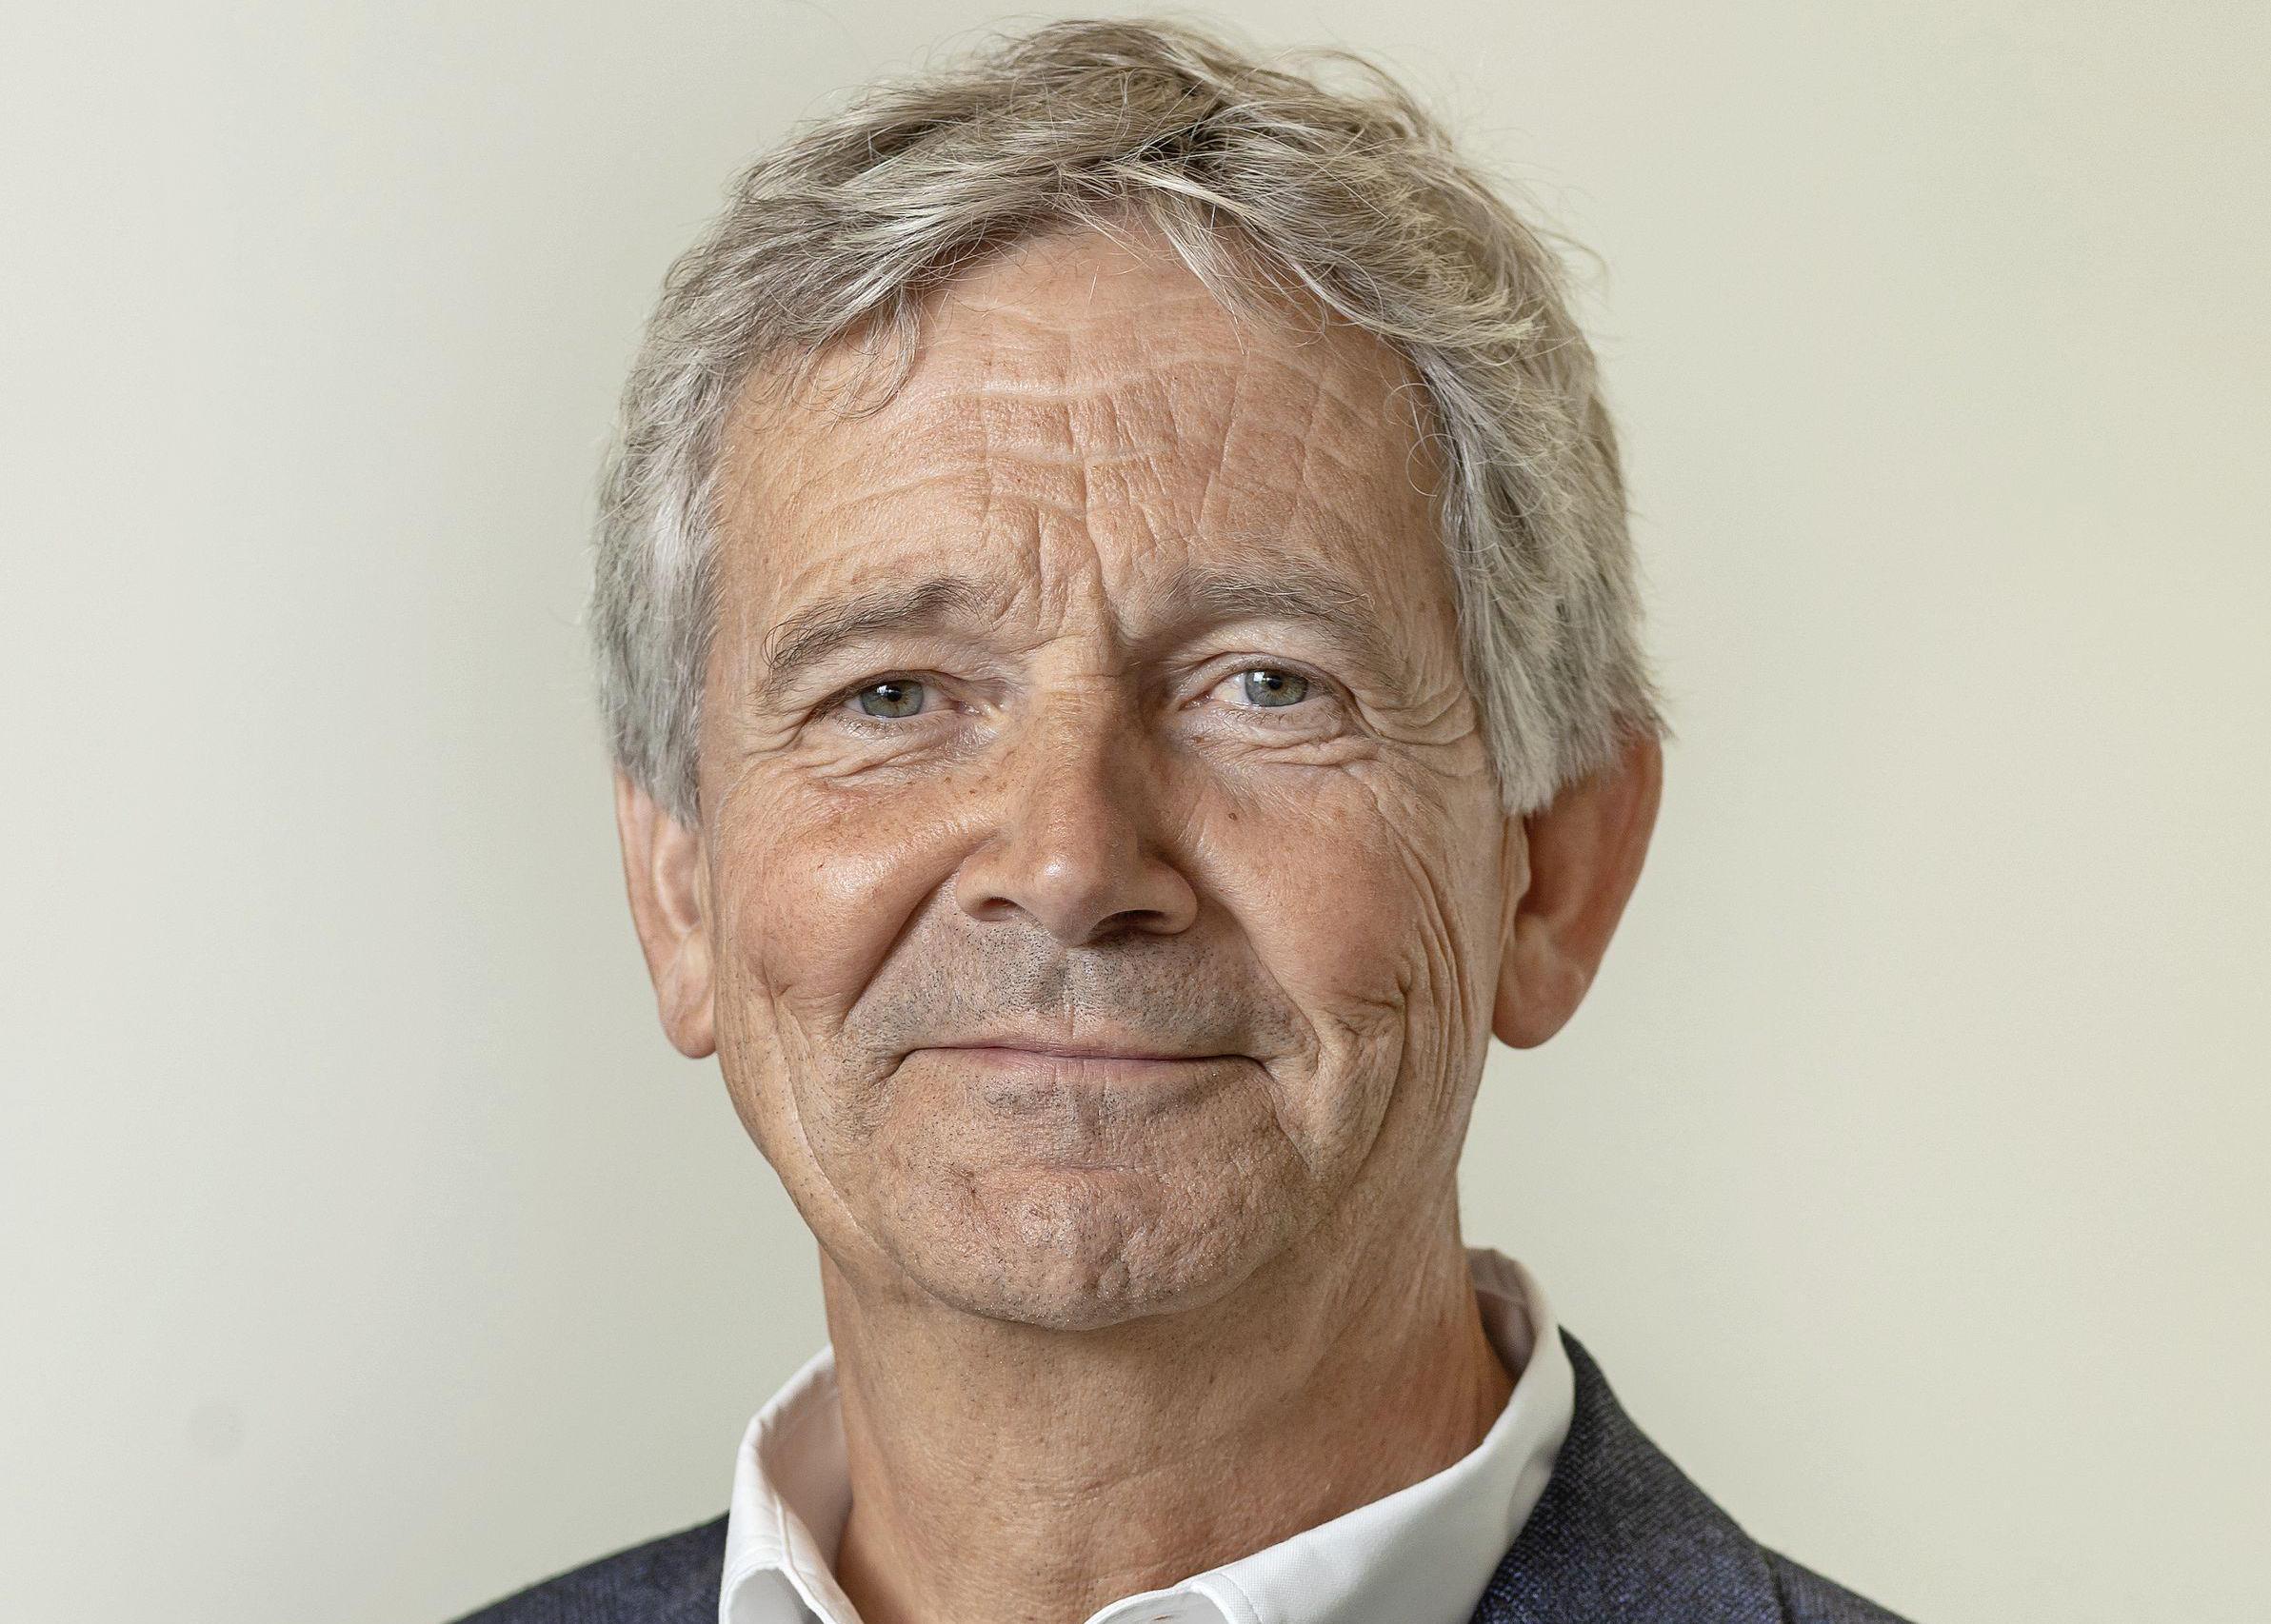 Loosdrechter Jos Kea opvolger van vertrekkend wethouder Jan Klink